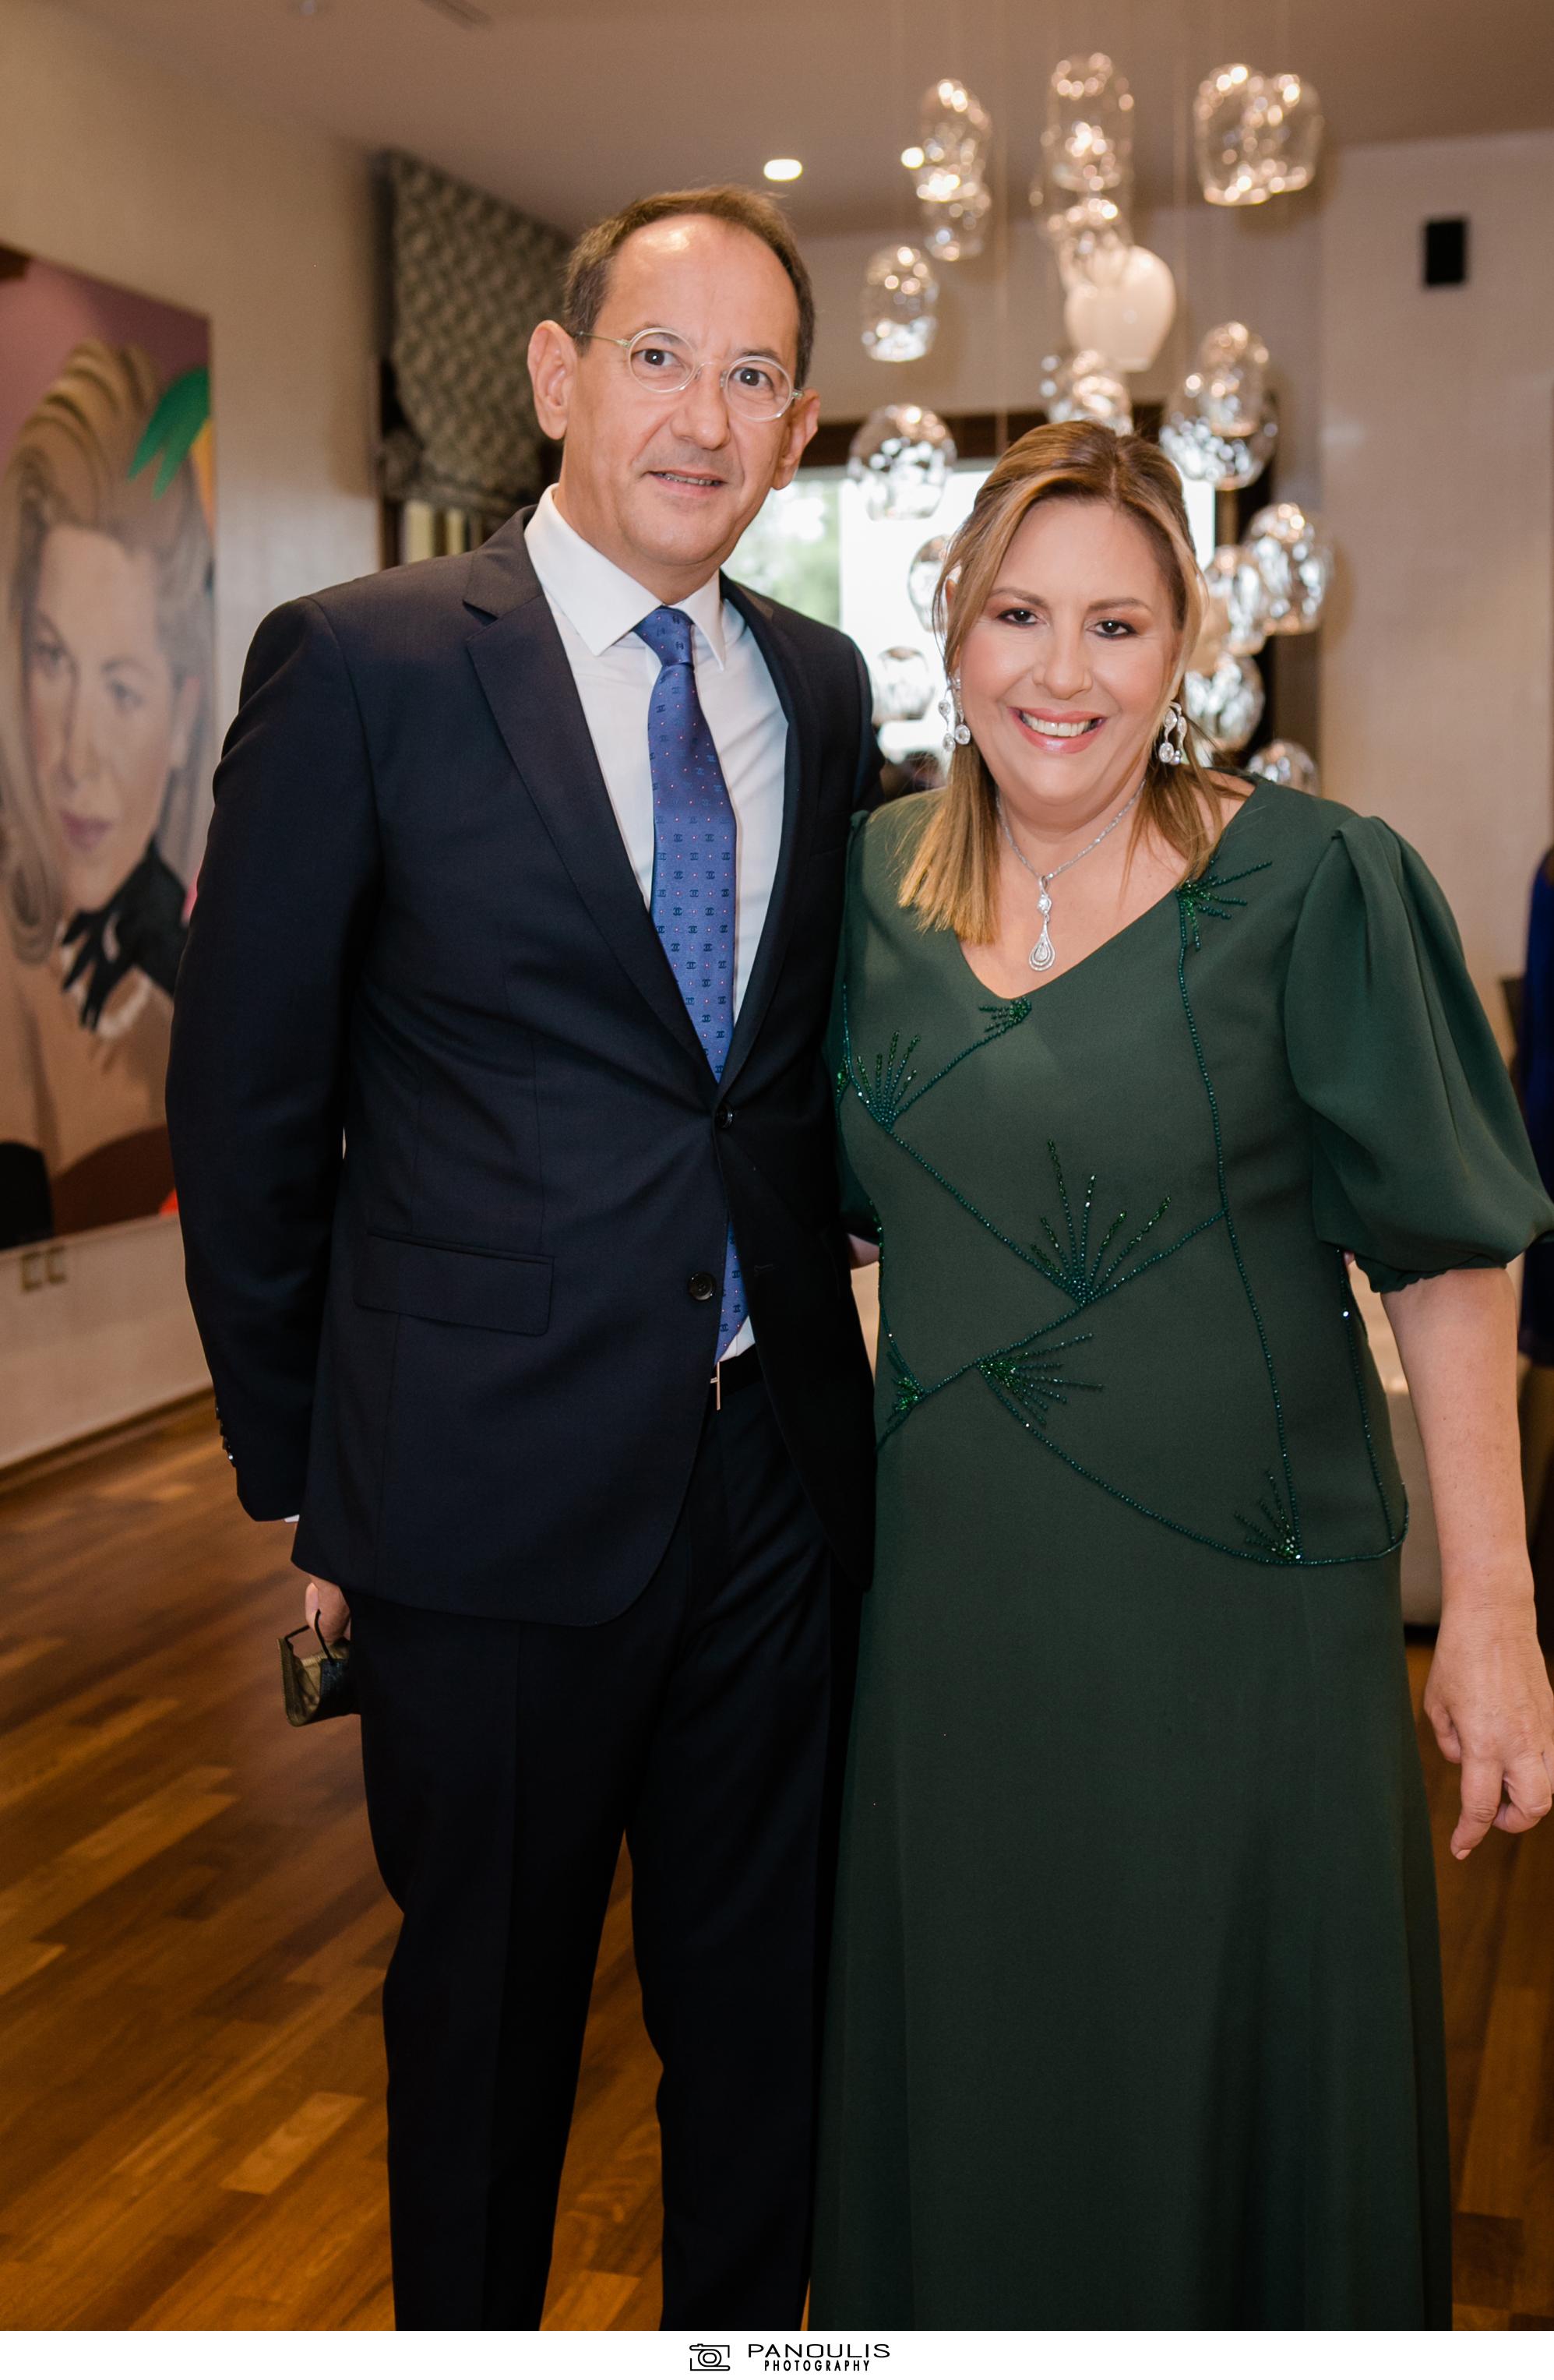 Κλέλια Χατζηιωάννου & Κωνσταντίνος Σκορίλας: Ένας υπέροχος γάμος με λαμπερούς καλεσμένους 8